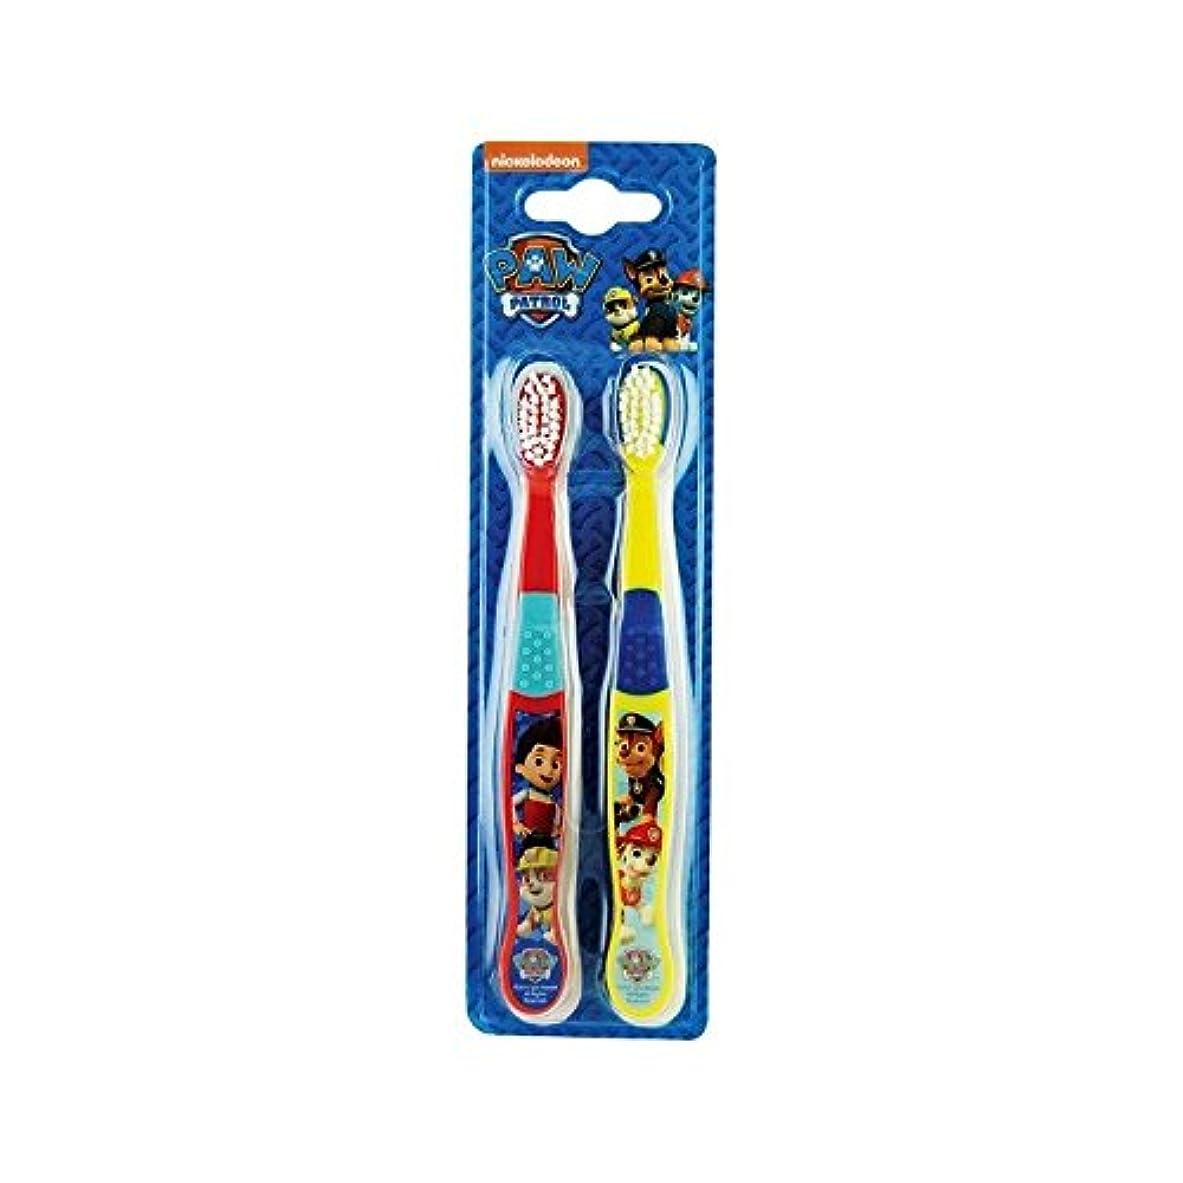 委員会つかの間食欲1パックツイン歯ブラシ2 (Paw Patrol) (x 6) - Paw Patrol Twin Toothbrush 2 per pack (Pack of 6) [並行輸入品]